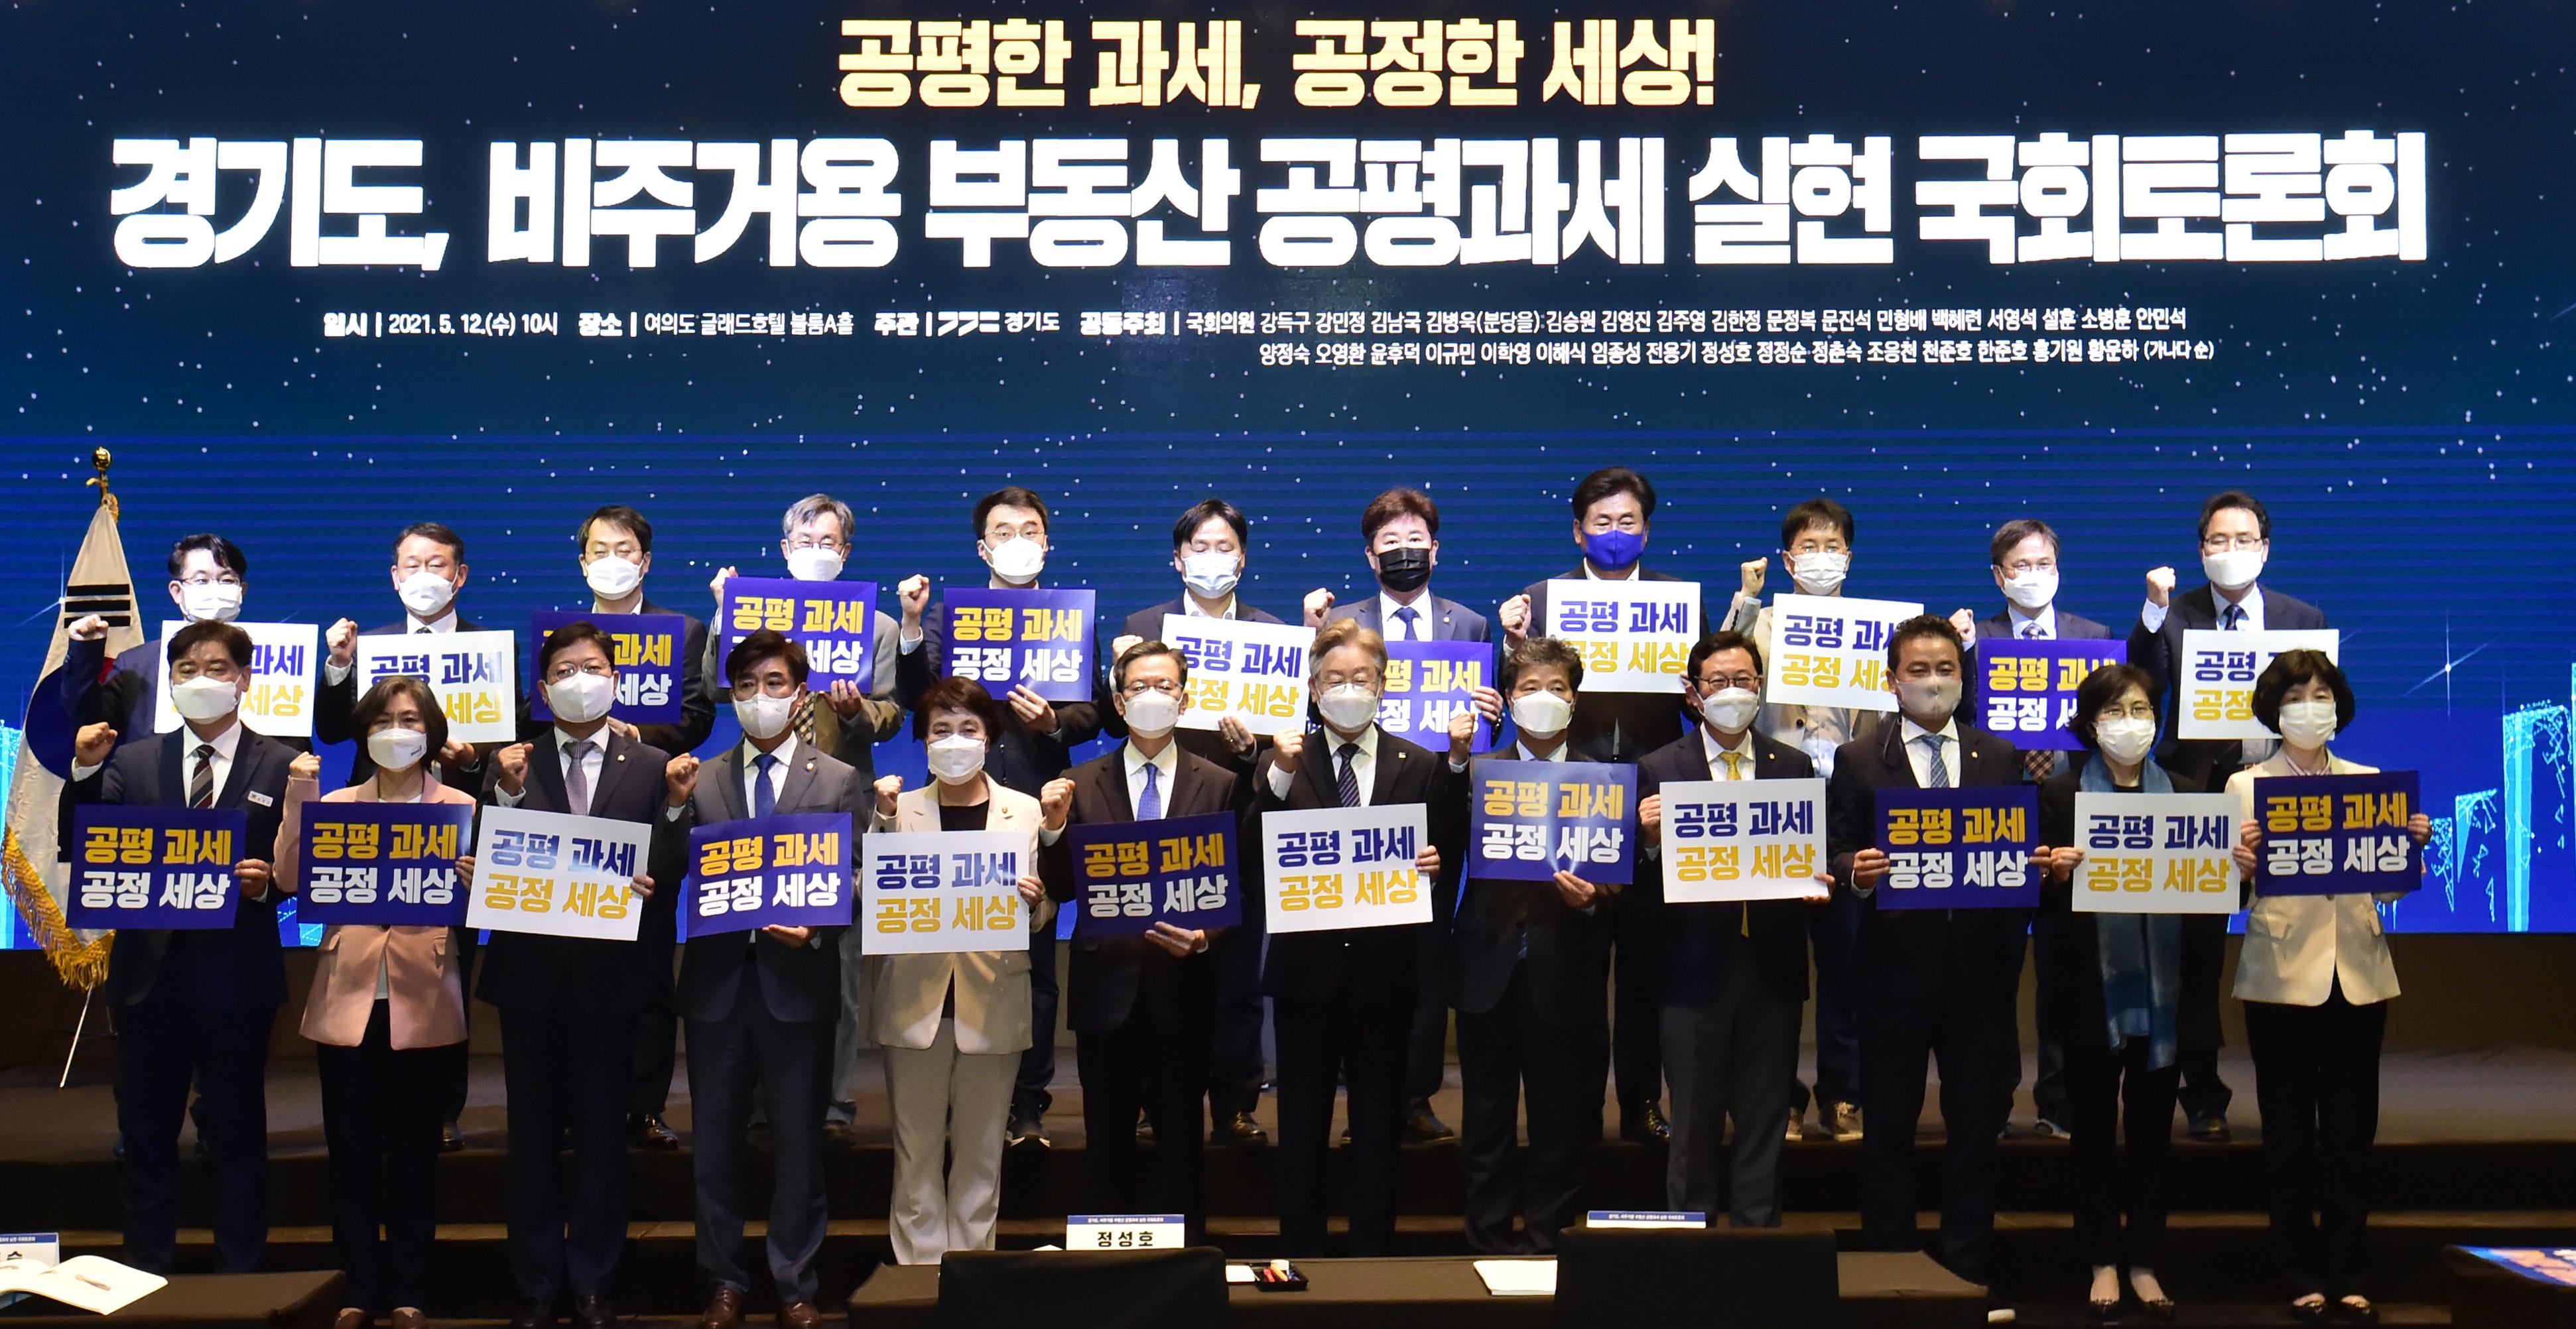 '부동산 정책행보' 이재명…공평과세 실현, 토론회